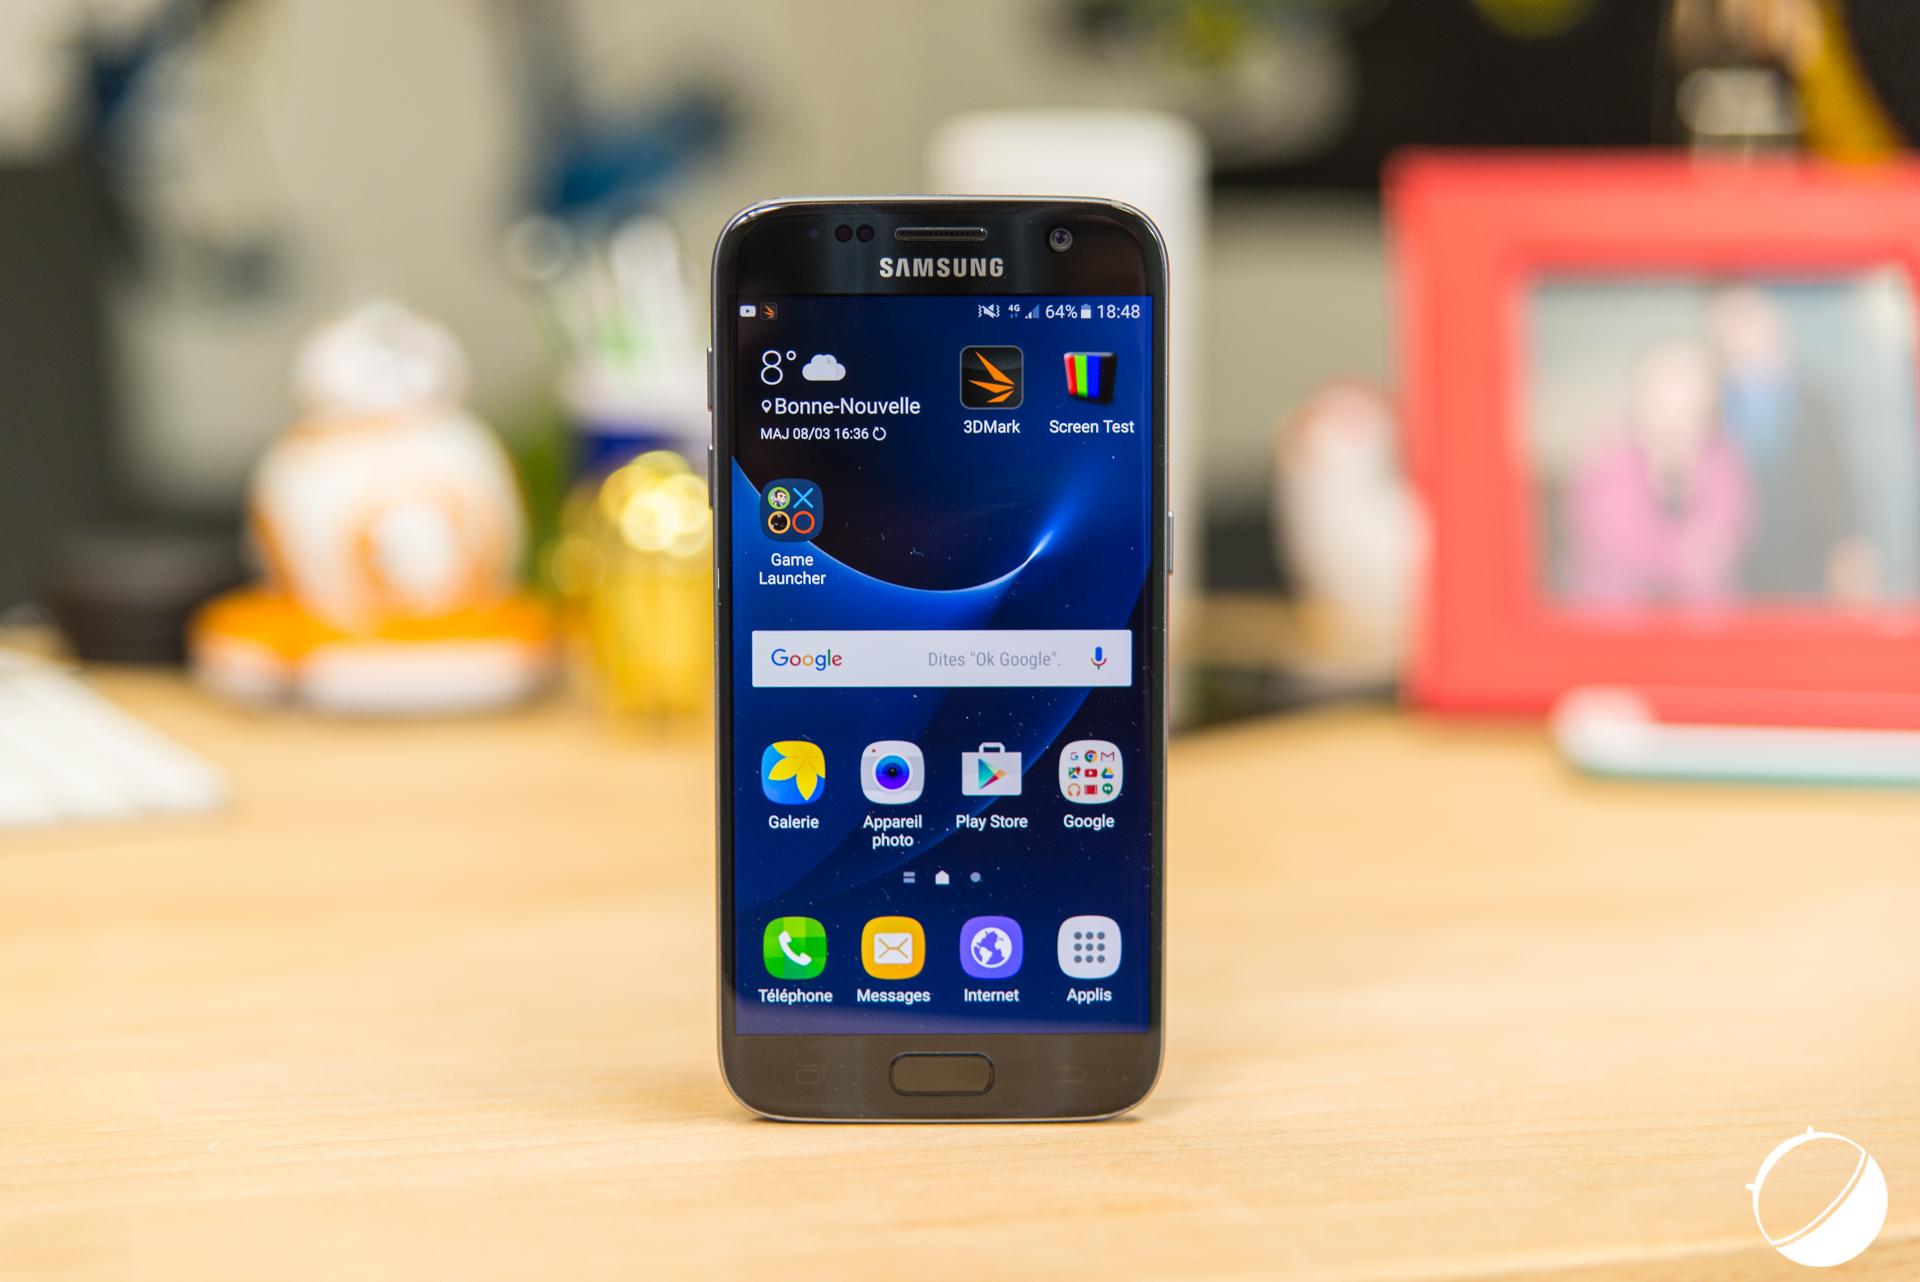 Le Samsung Galaxy S8 sortirait un mois après son annonce, en avril 2017